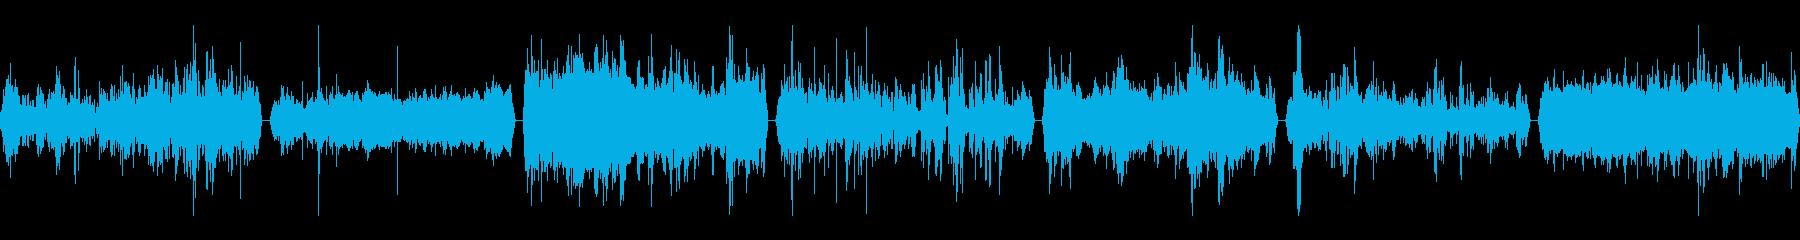 笑い声、HUM OF VOICES...の再生済みの波形